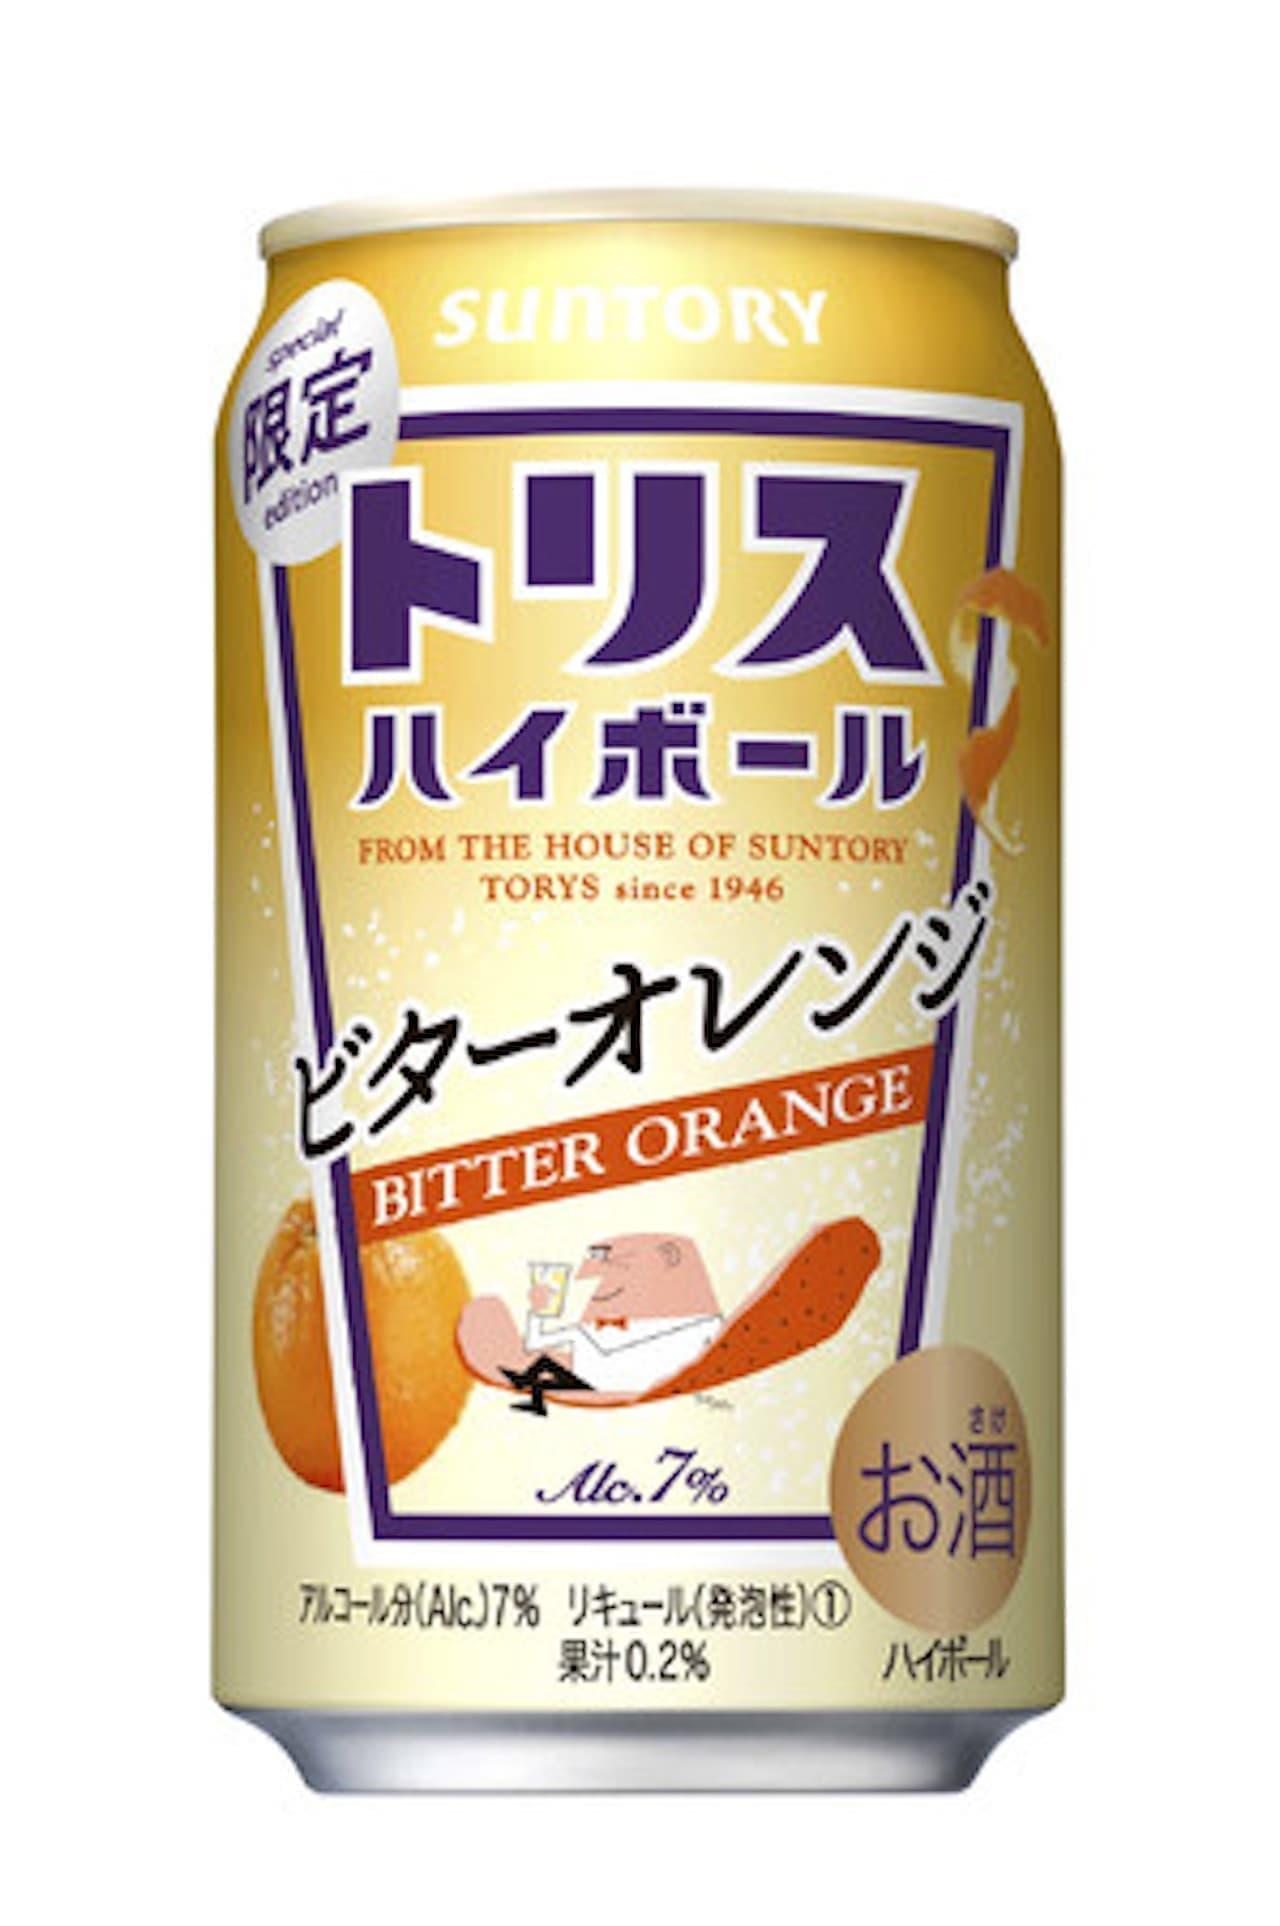 「トリスハイボール缶〈ビターオレンジ〉」期間限定